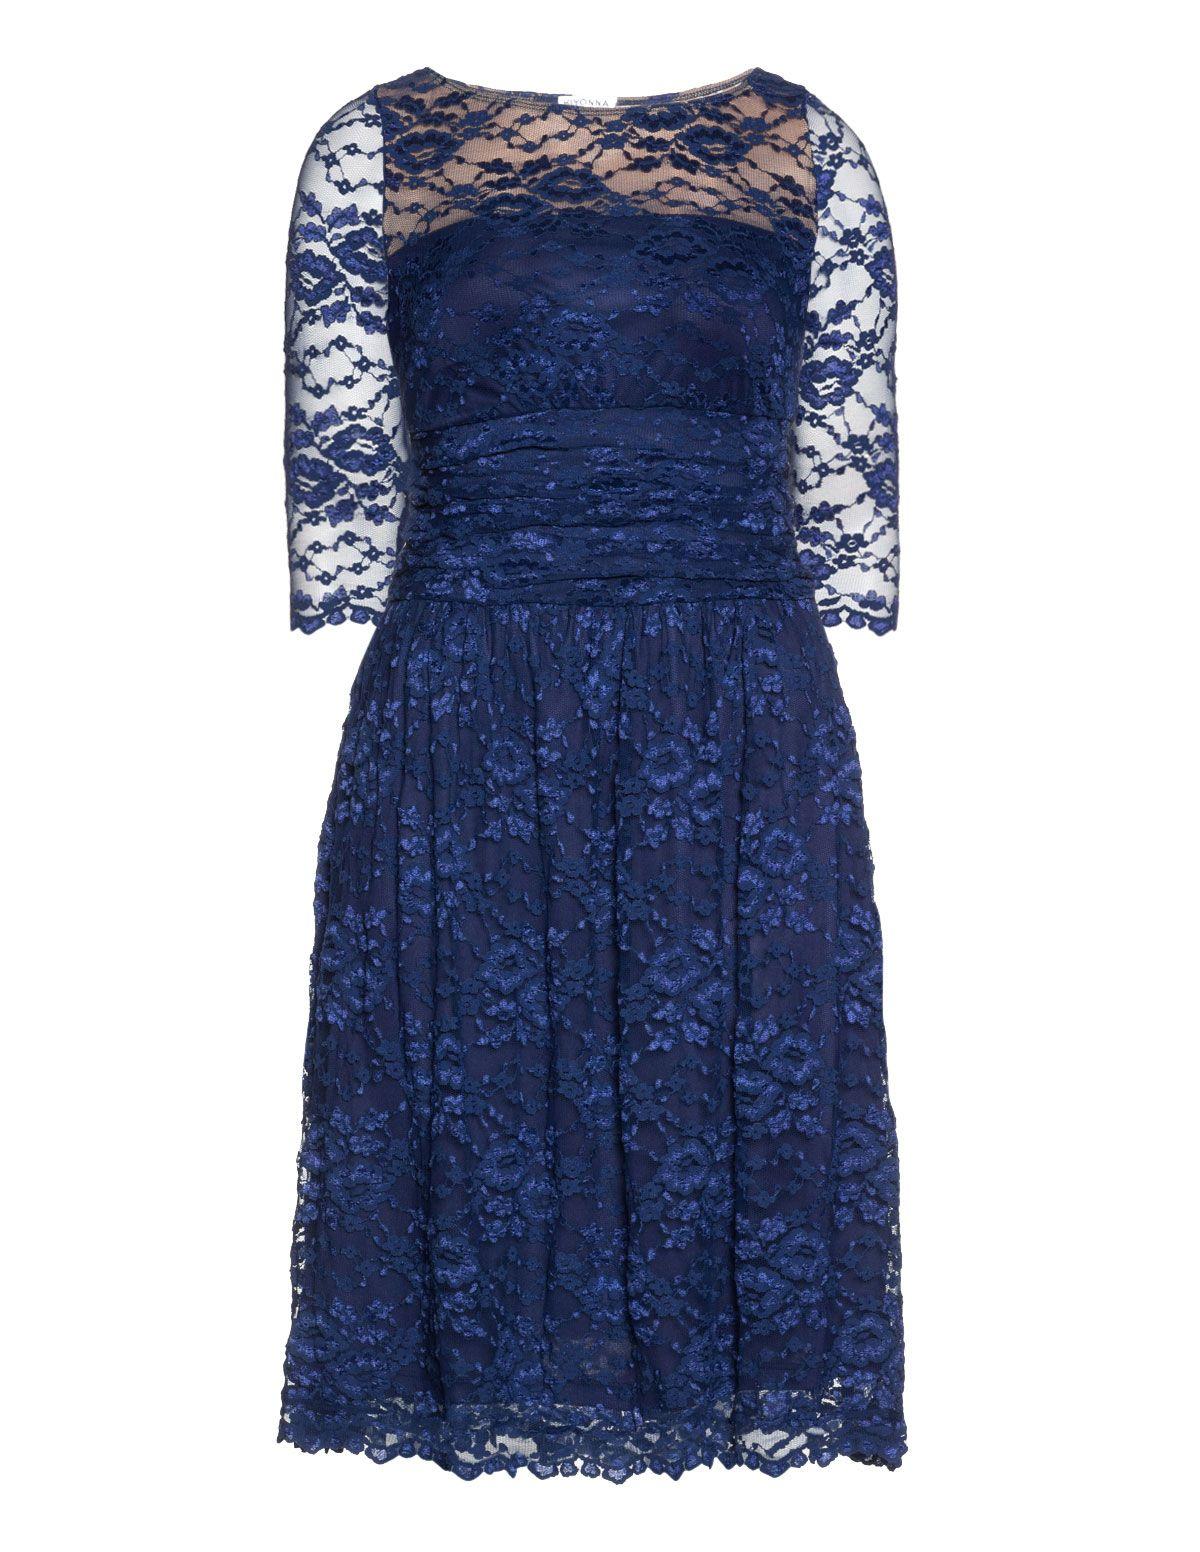 Kiyonna Kleid mit Spitze in Blau | Klamotten | Pinterest | Kleid mit ...